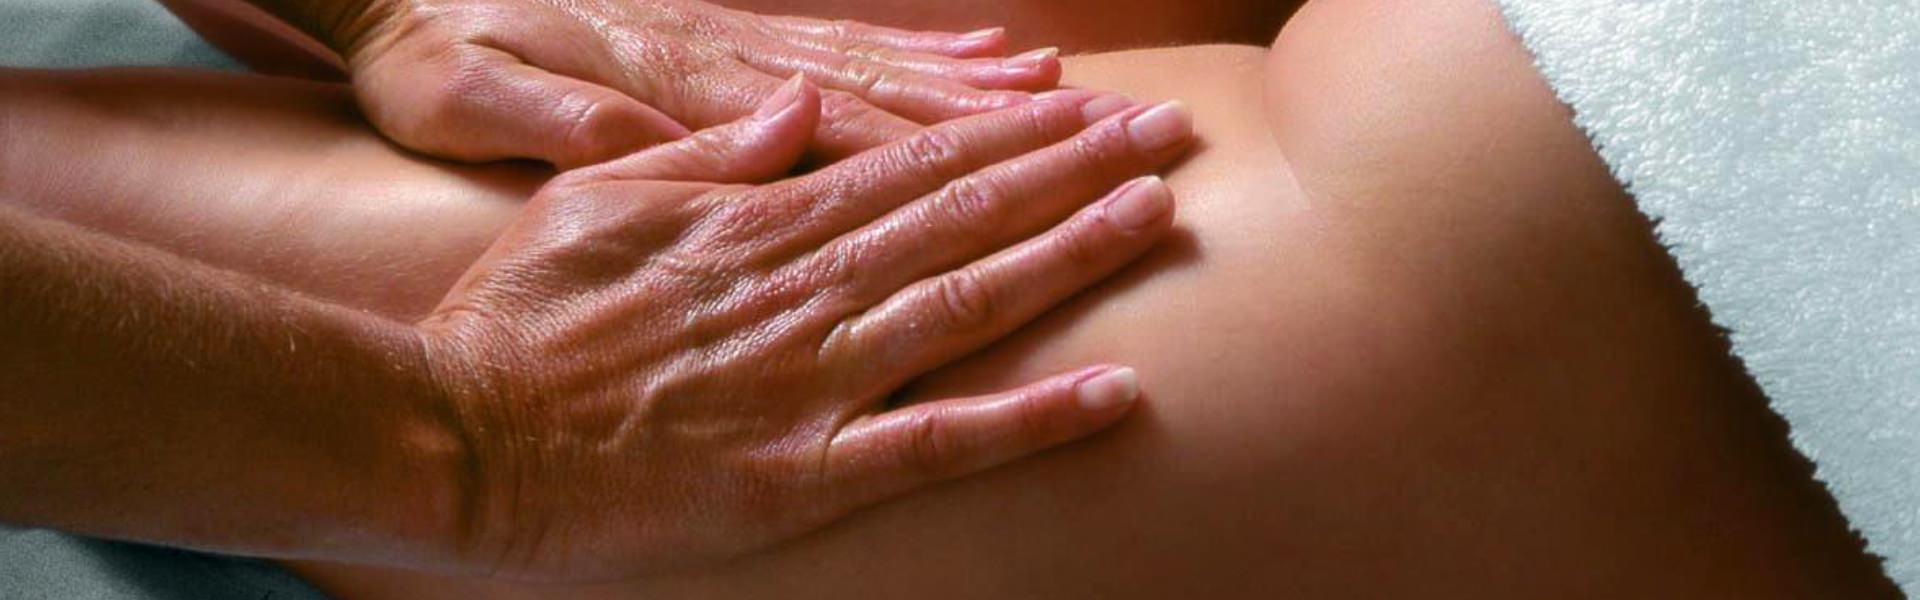 Секс после массажа ролики, Порно массаж и русский секс с массажистами 7 фотография